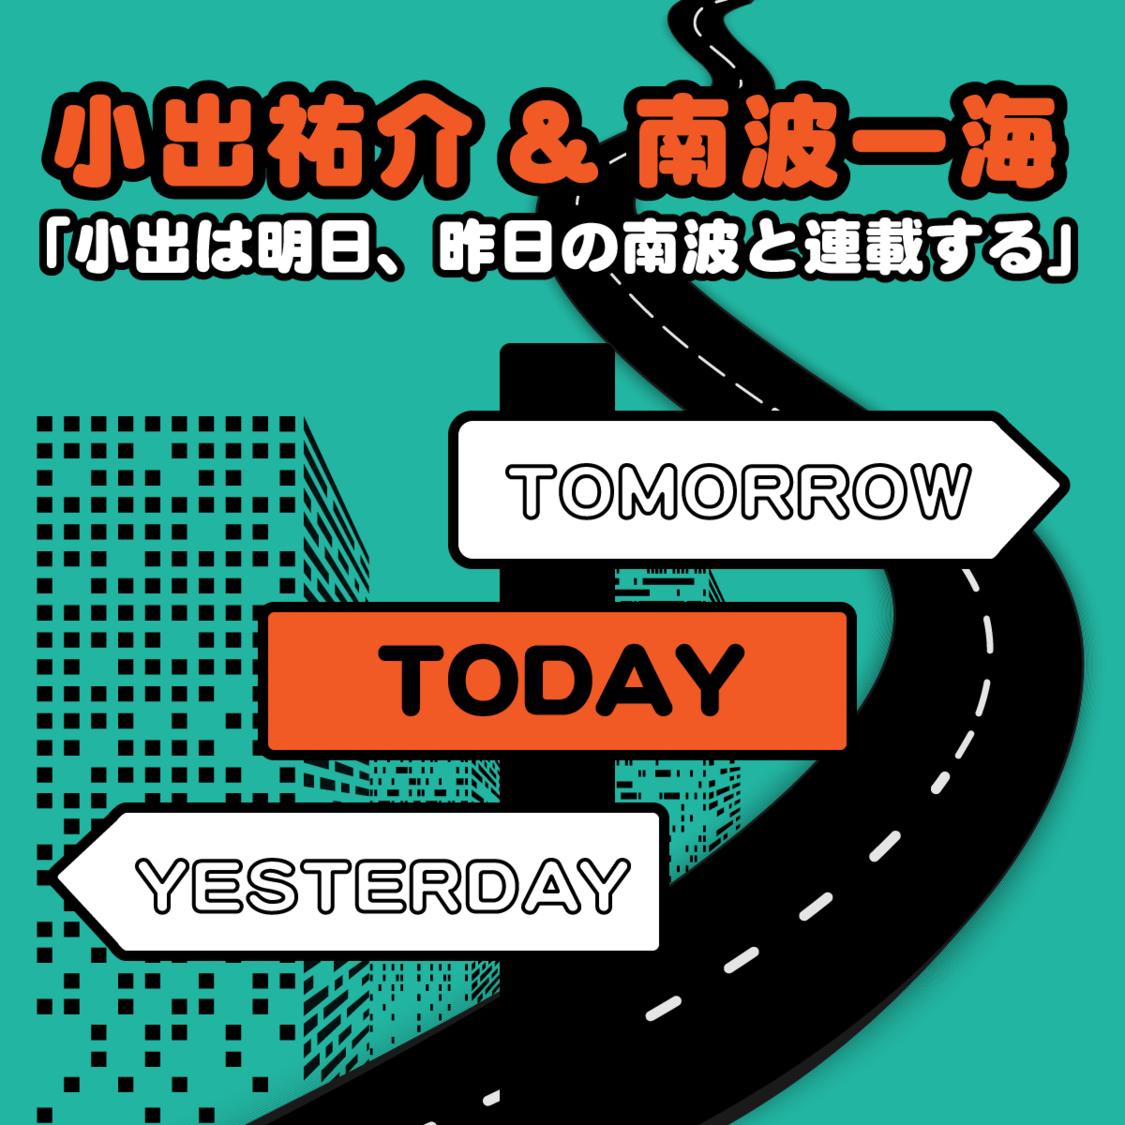 第27回:お悩み相談3〜小出祐介&南波一海「小出は明日、昨日の南波と連載する」〜